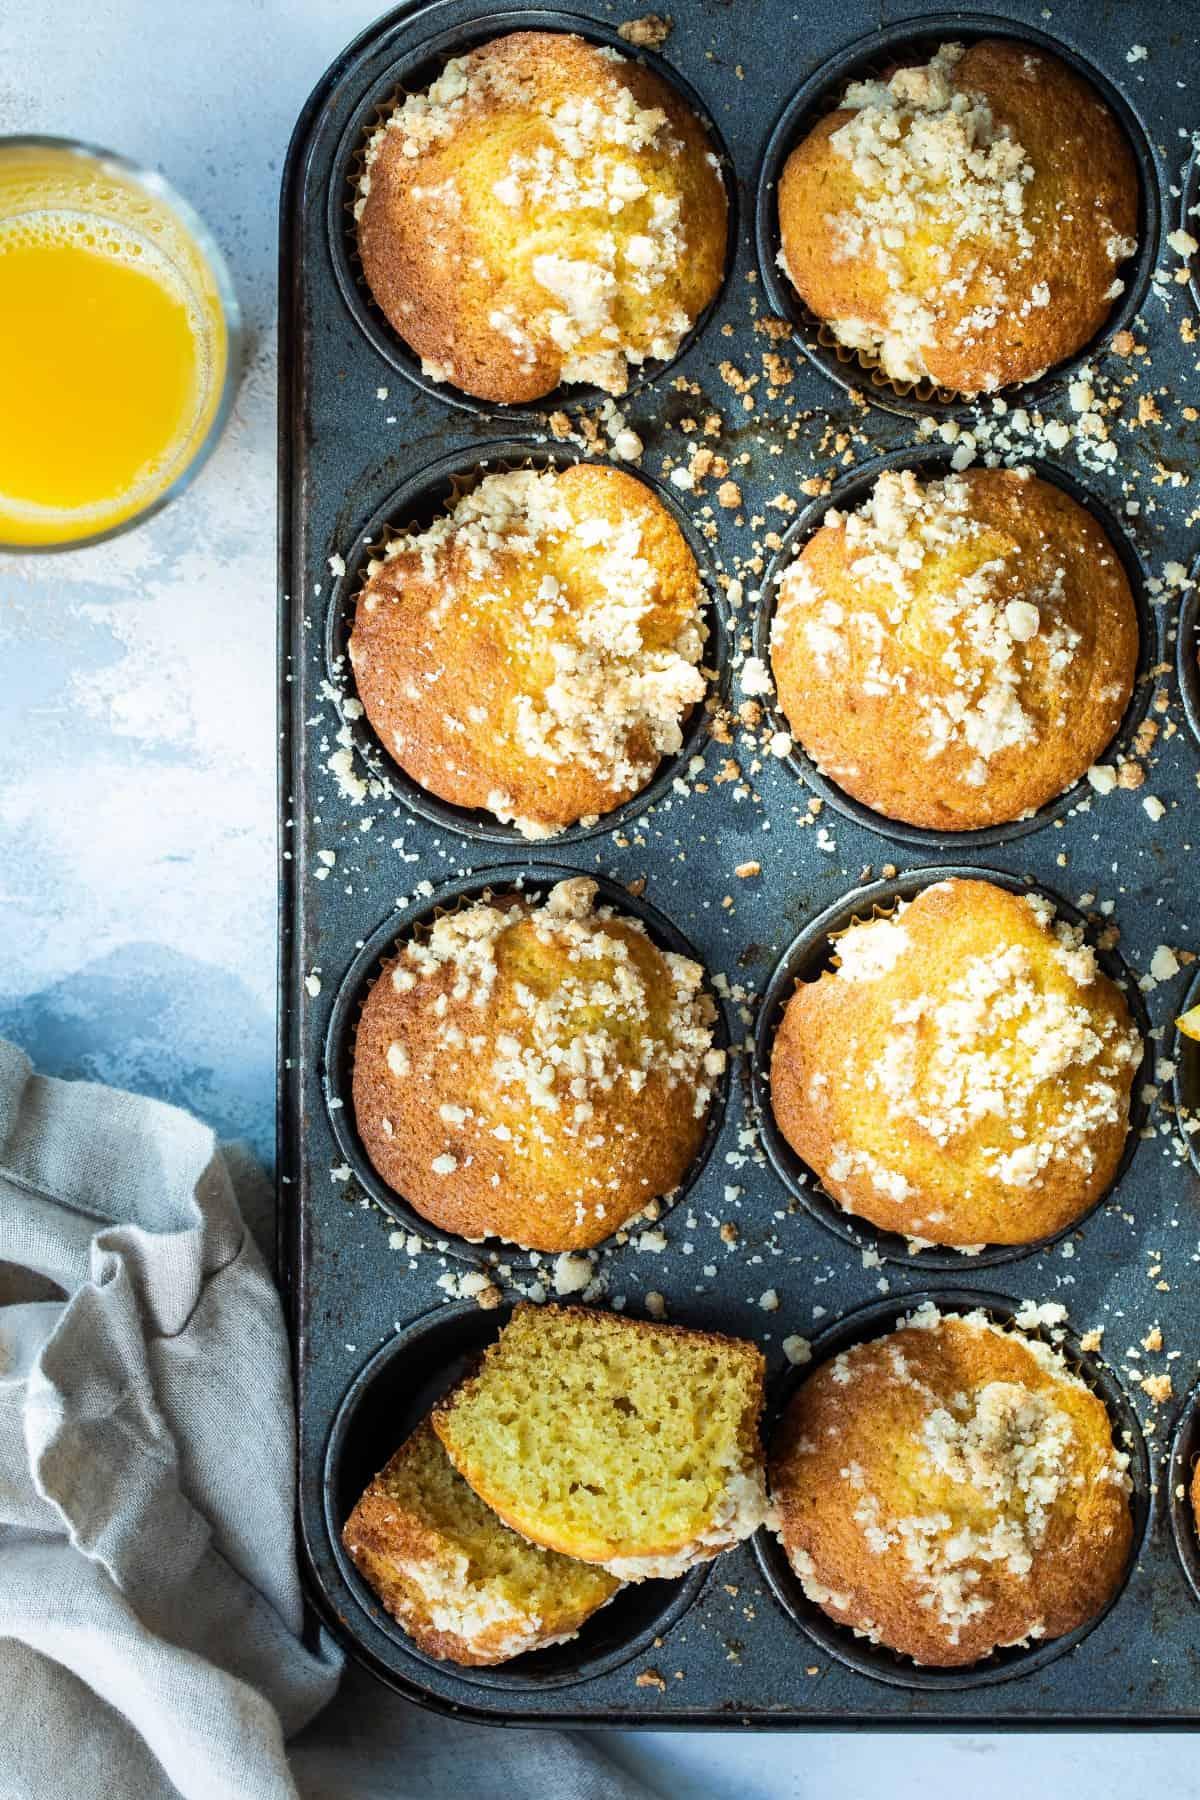 orange muffins in a baking pan